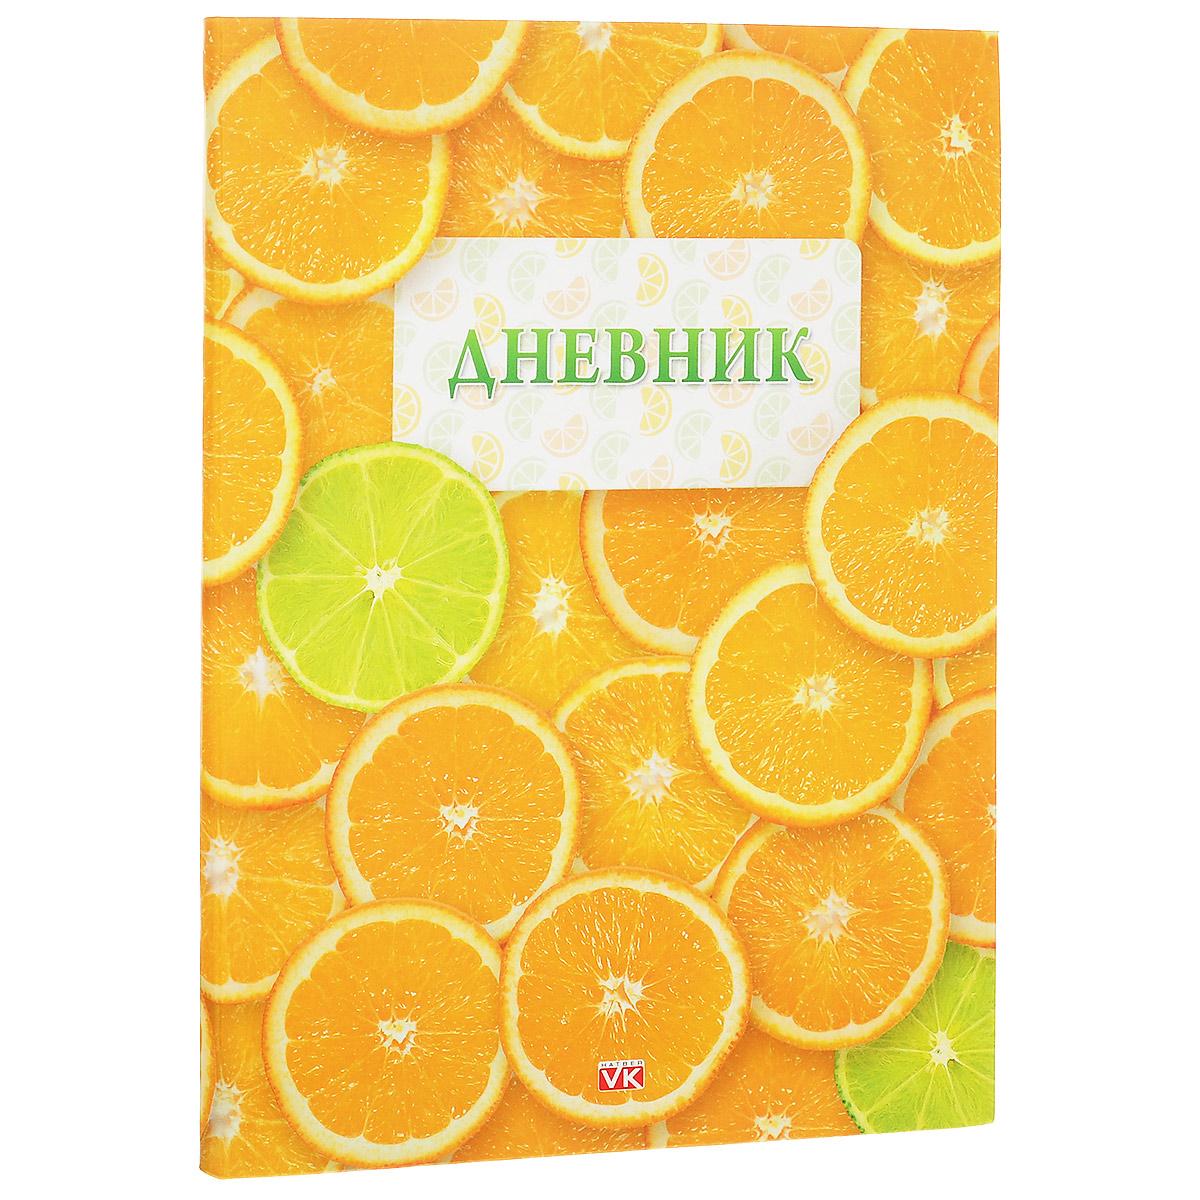 Дневник щкольный Hatber Orange, цвет: желтый40ДL5B_11800Школьный дневник Hatber Orange предназначен для учащихся 1-11 классов. Внутренний блок дневника состоит из 40 листов бумаги белого цвета. Обложка в интегральном переплете выполнена из глянцевого картона с изображением апельсинов. В структуру дневника входят все необходимые разделы: информация о личных данных ученика, школе и педагогах, друзьях и одноклассниках, расписание факультативов и уроков по четвертям, сведения об успеваемости с рекомендациями педагогического коллектива. Дневник содержит номера телефонов экстренной помощи и даты государственных праздников. Дневник Hatber The Dog станет надежным помощником в освоении новых знаний и принесет радость своему хозяину, украшая учебные будни. Рекомендуемый возраст от 6 лет.